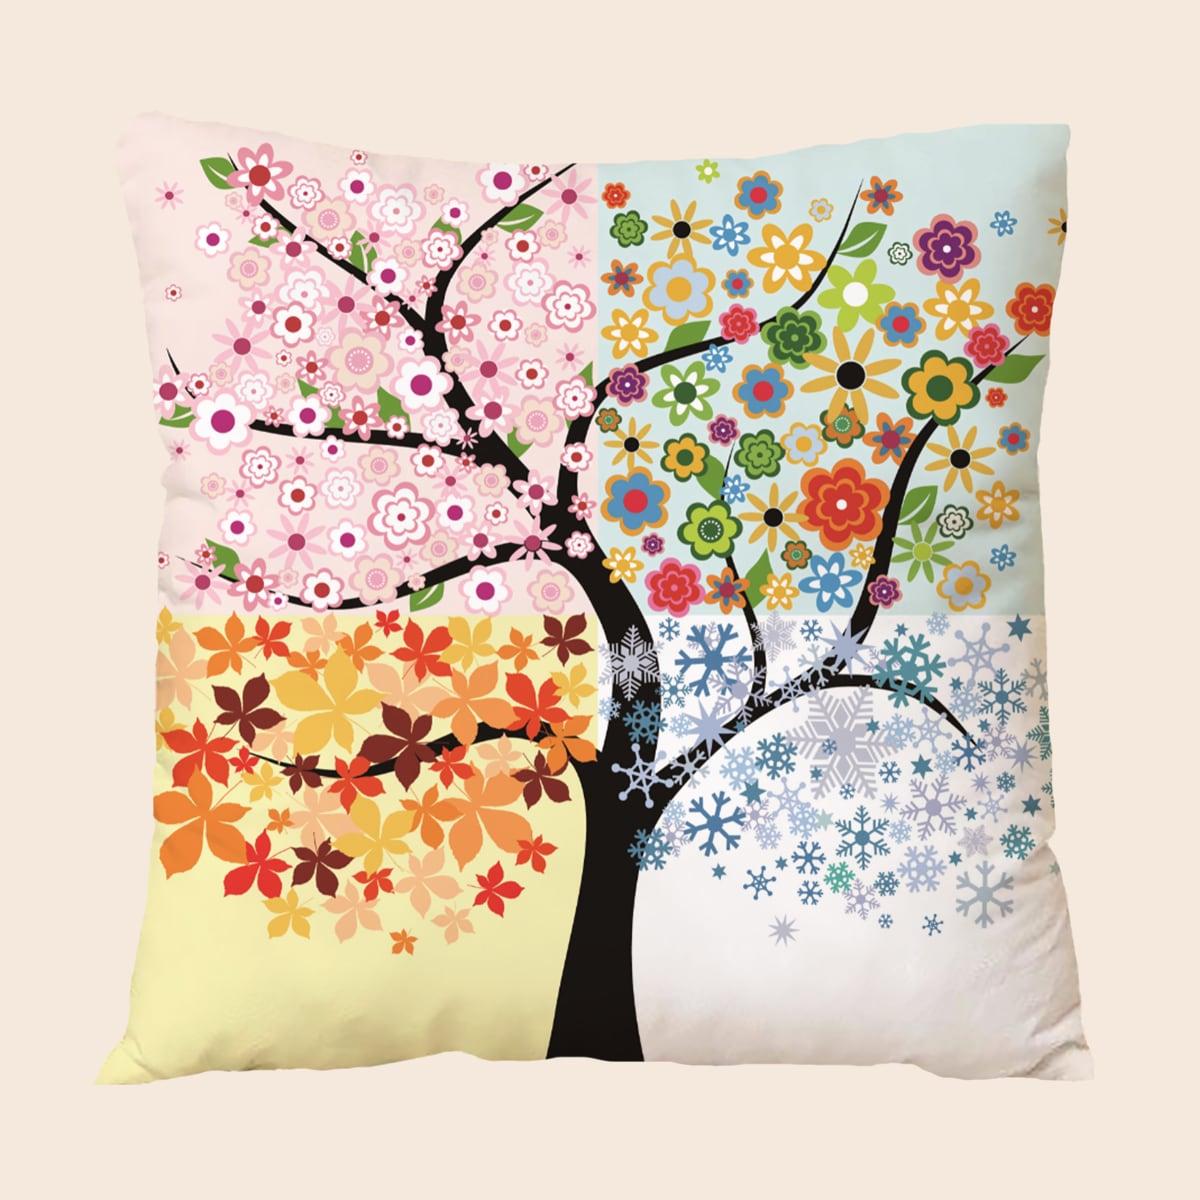 Чехол для подушки без наполнителя с принтом дерева